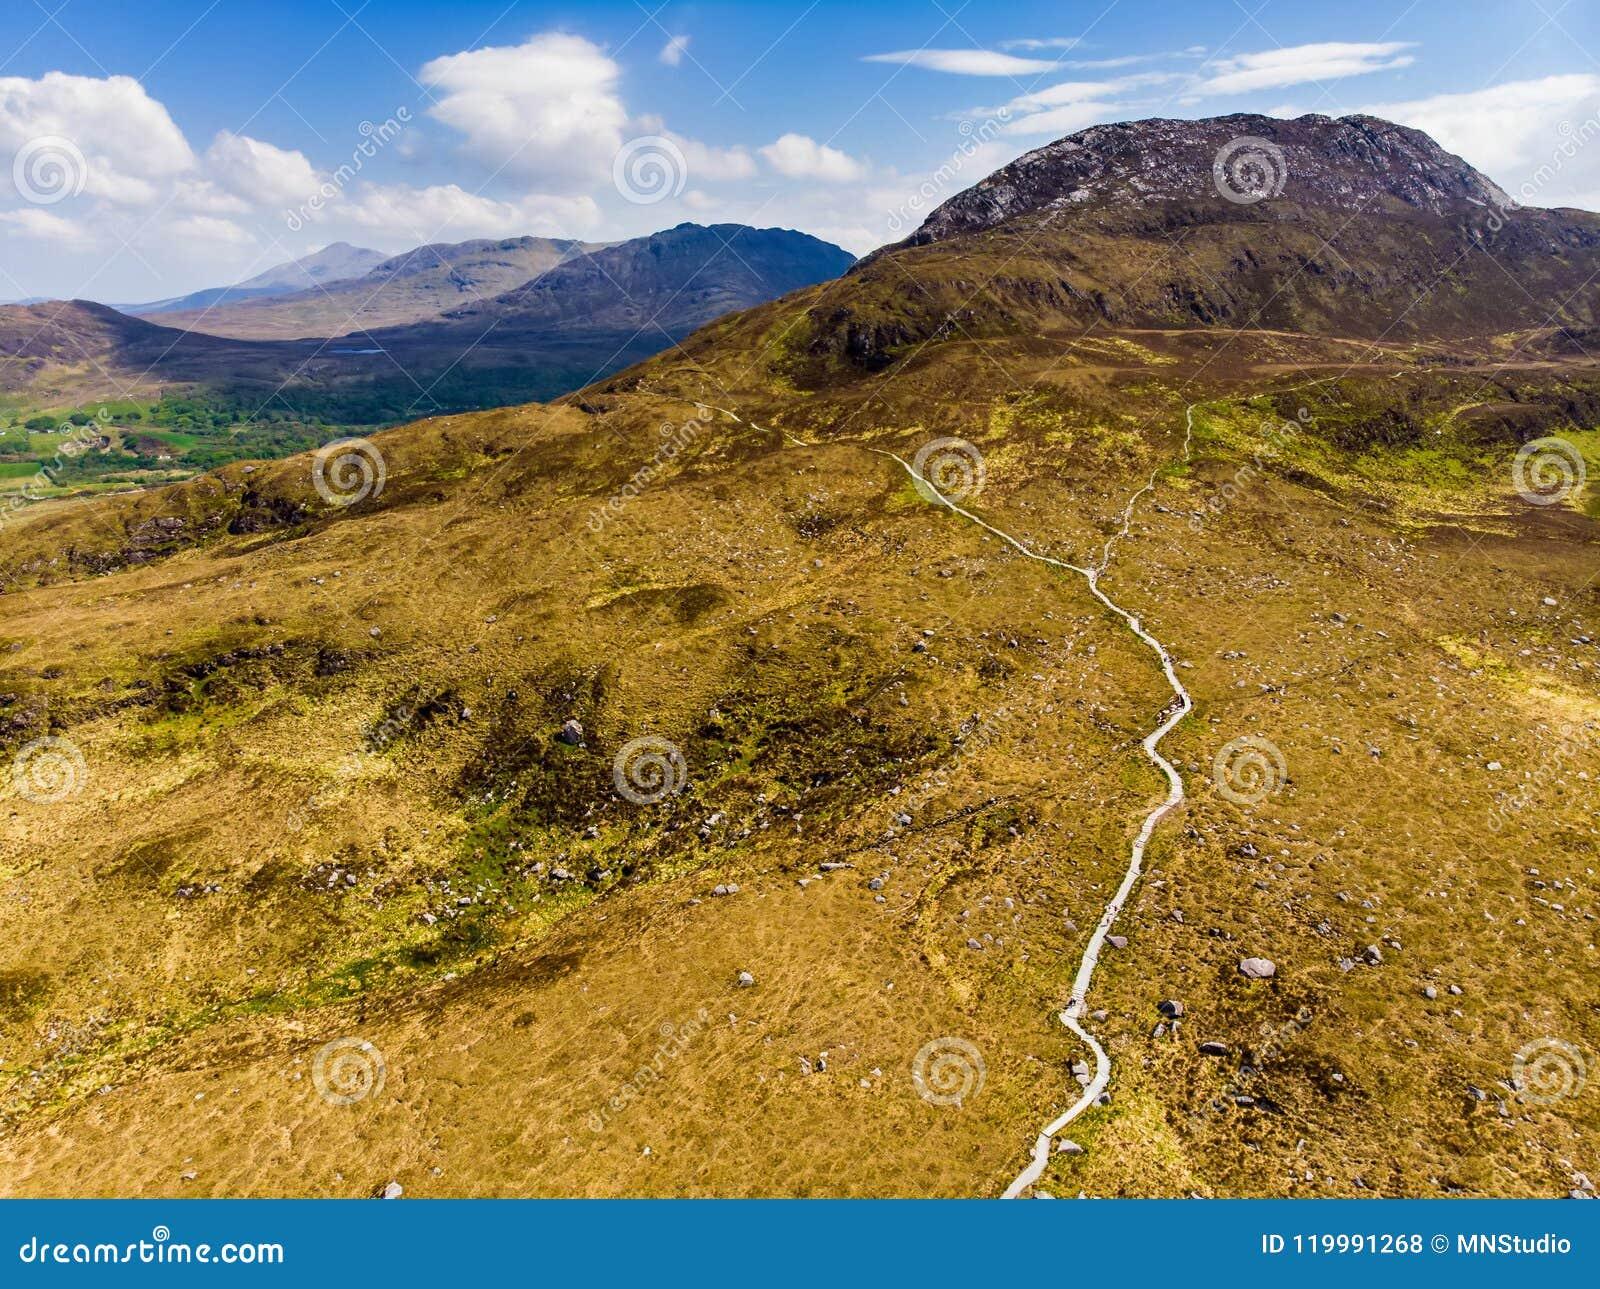 Mooie mening van het Nationale die Park van Connemara, beroemd voor moerassen en dopheide, over door zijn kegelvormige berg, Diam